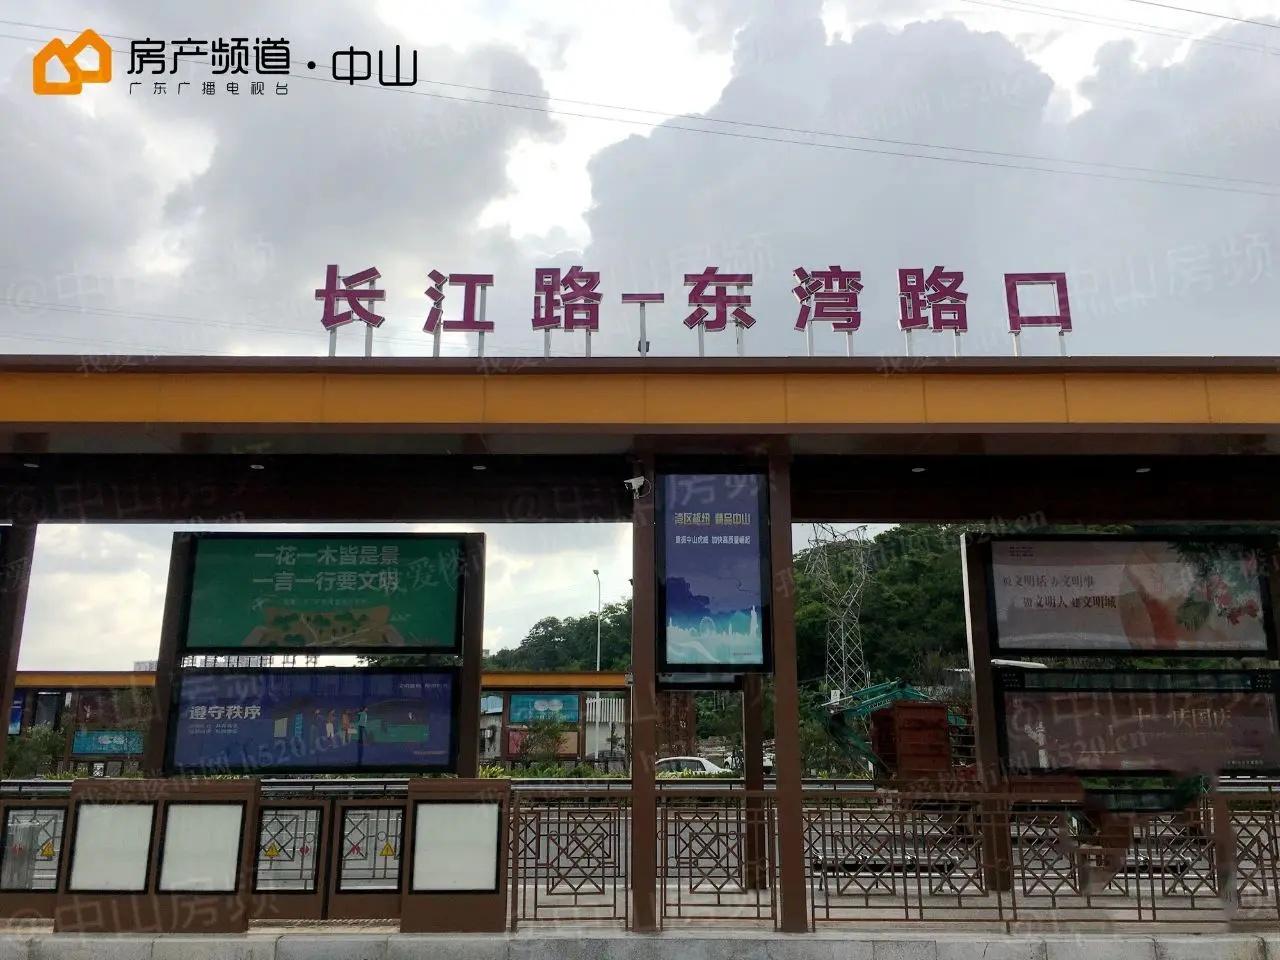 长江路-东湾路交叉口